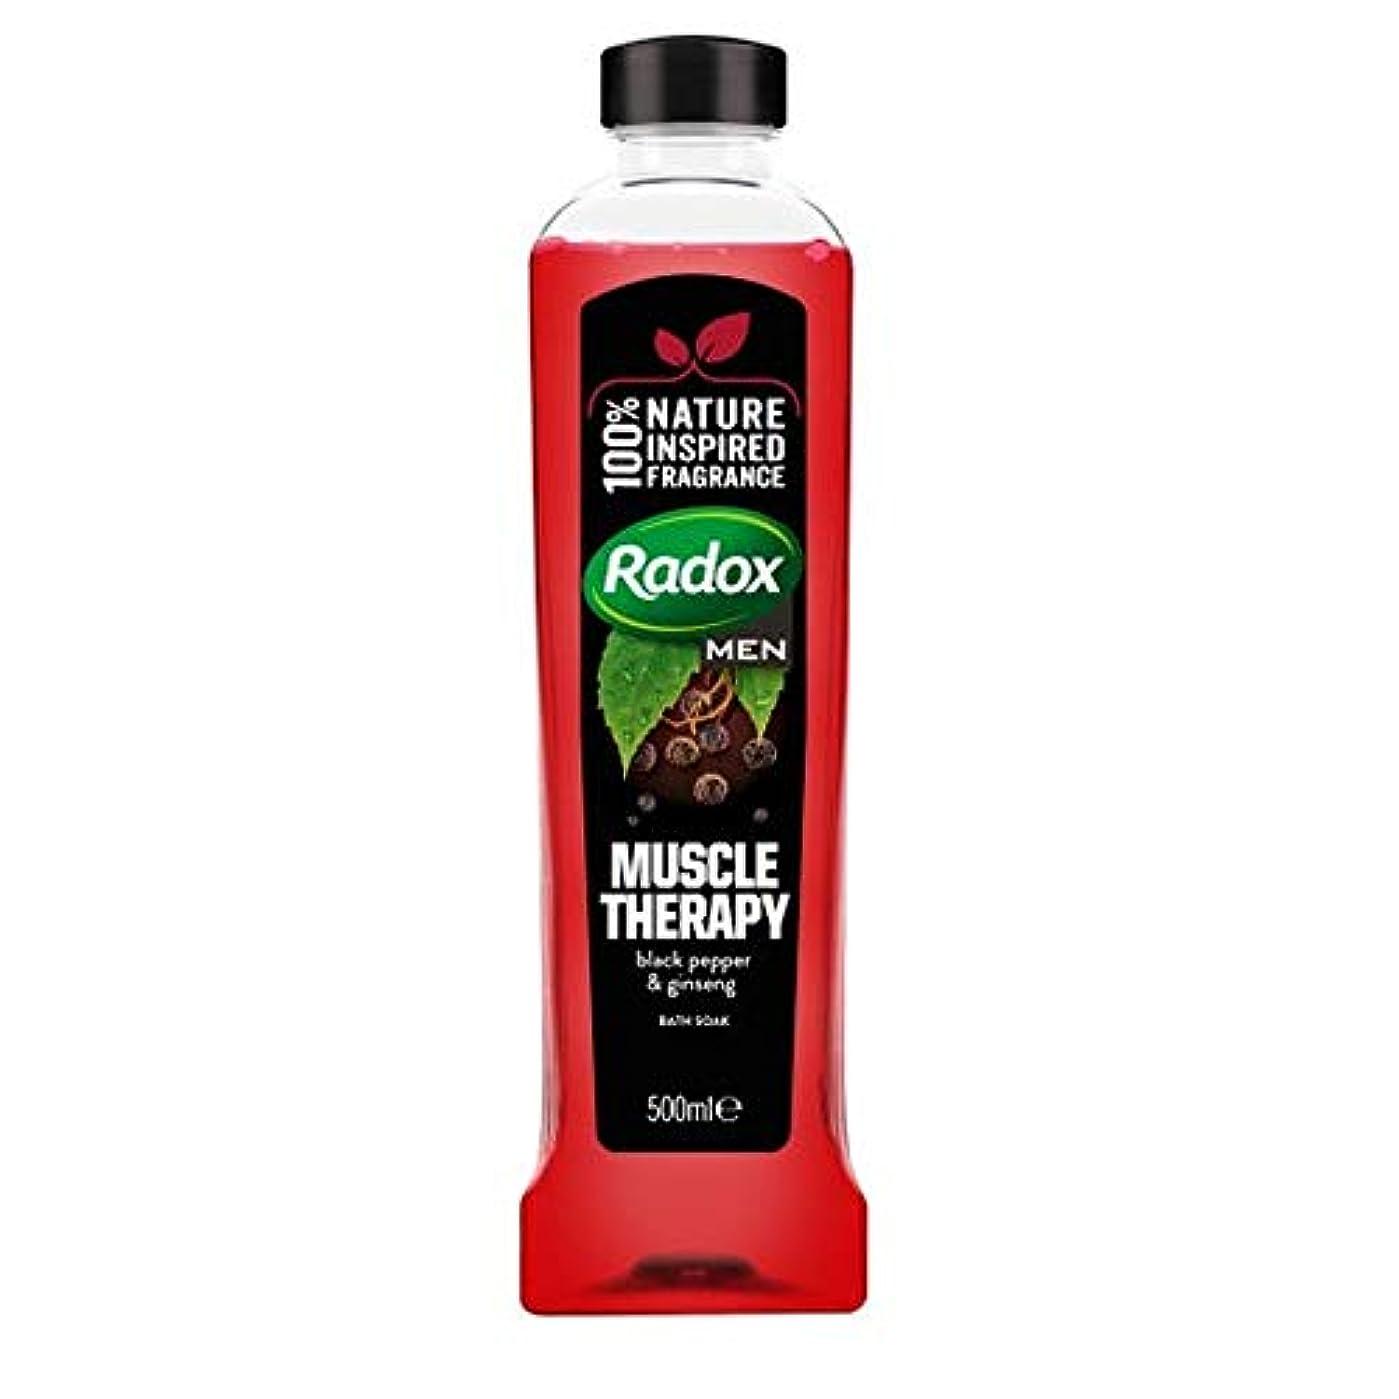 素晴らしい良い多くの差千[Radox] Radox男性の筋肉療法浴が500ミリリットルを浸します - Radox Men Muscle Therapy Bath Soak 500Ml [並行輸入品]